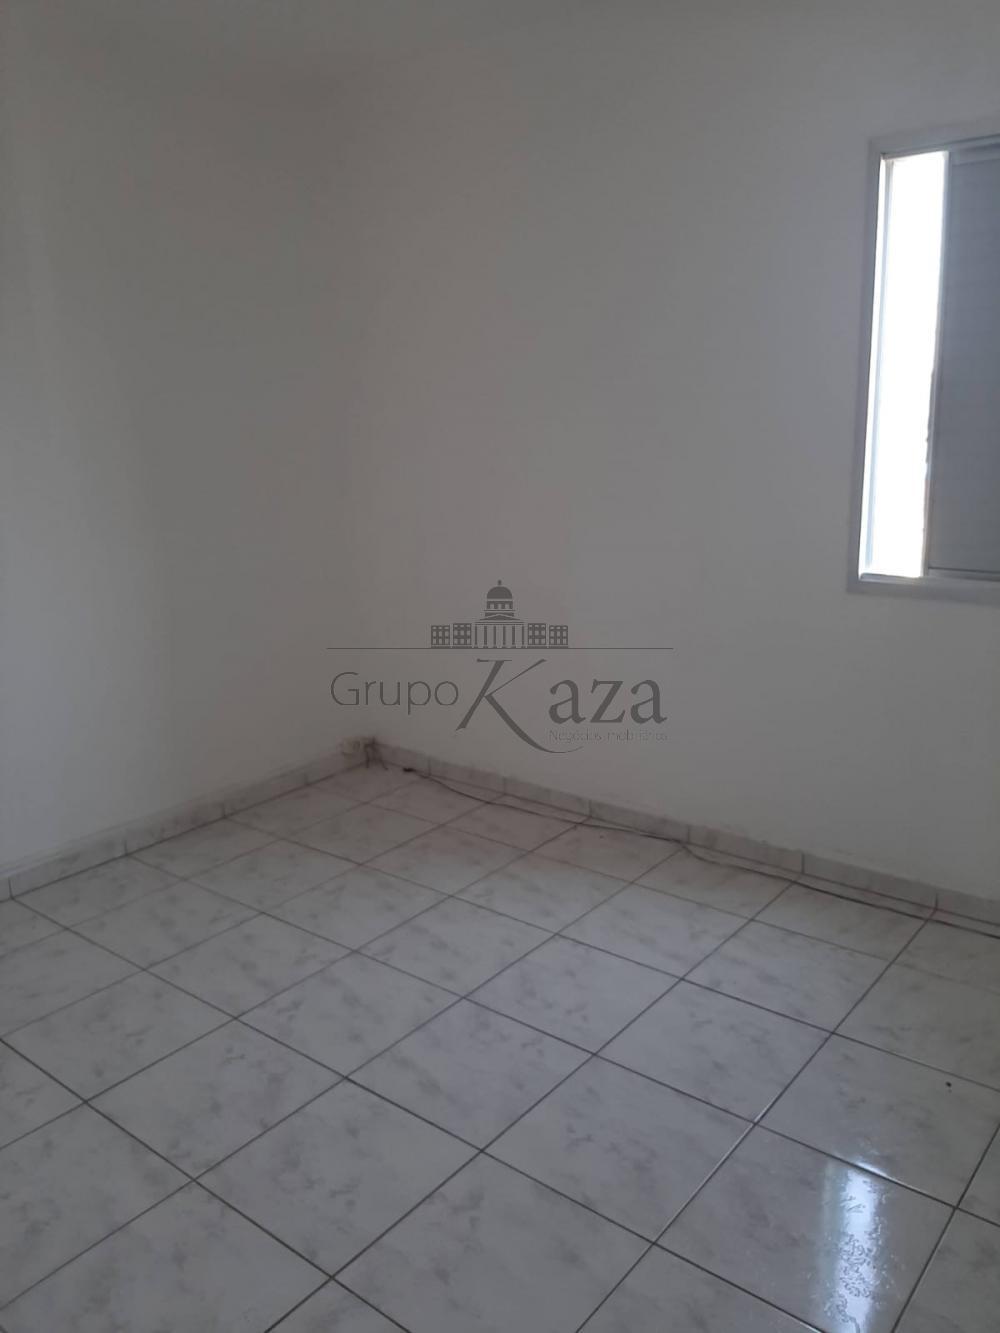 alt='Comprar Apartamento / Padrão em Jacareí R$ 180.000,00 - Foto 6' title='Comprar Apartamento / Padrão em Jacareí R$ 180.000,00 - Foto 6'